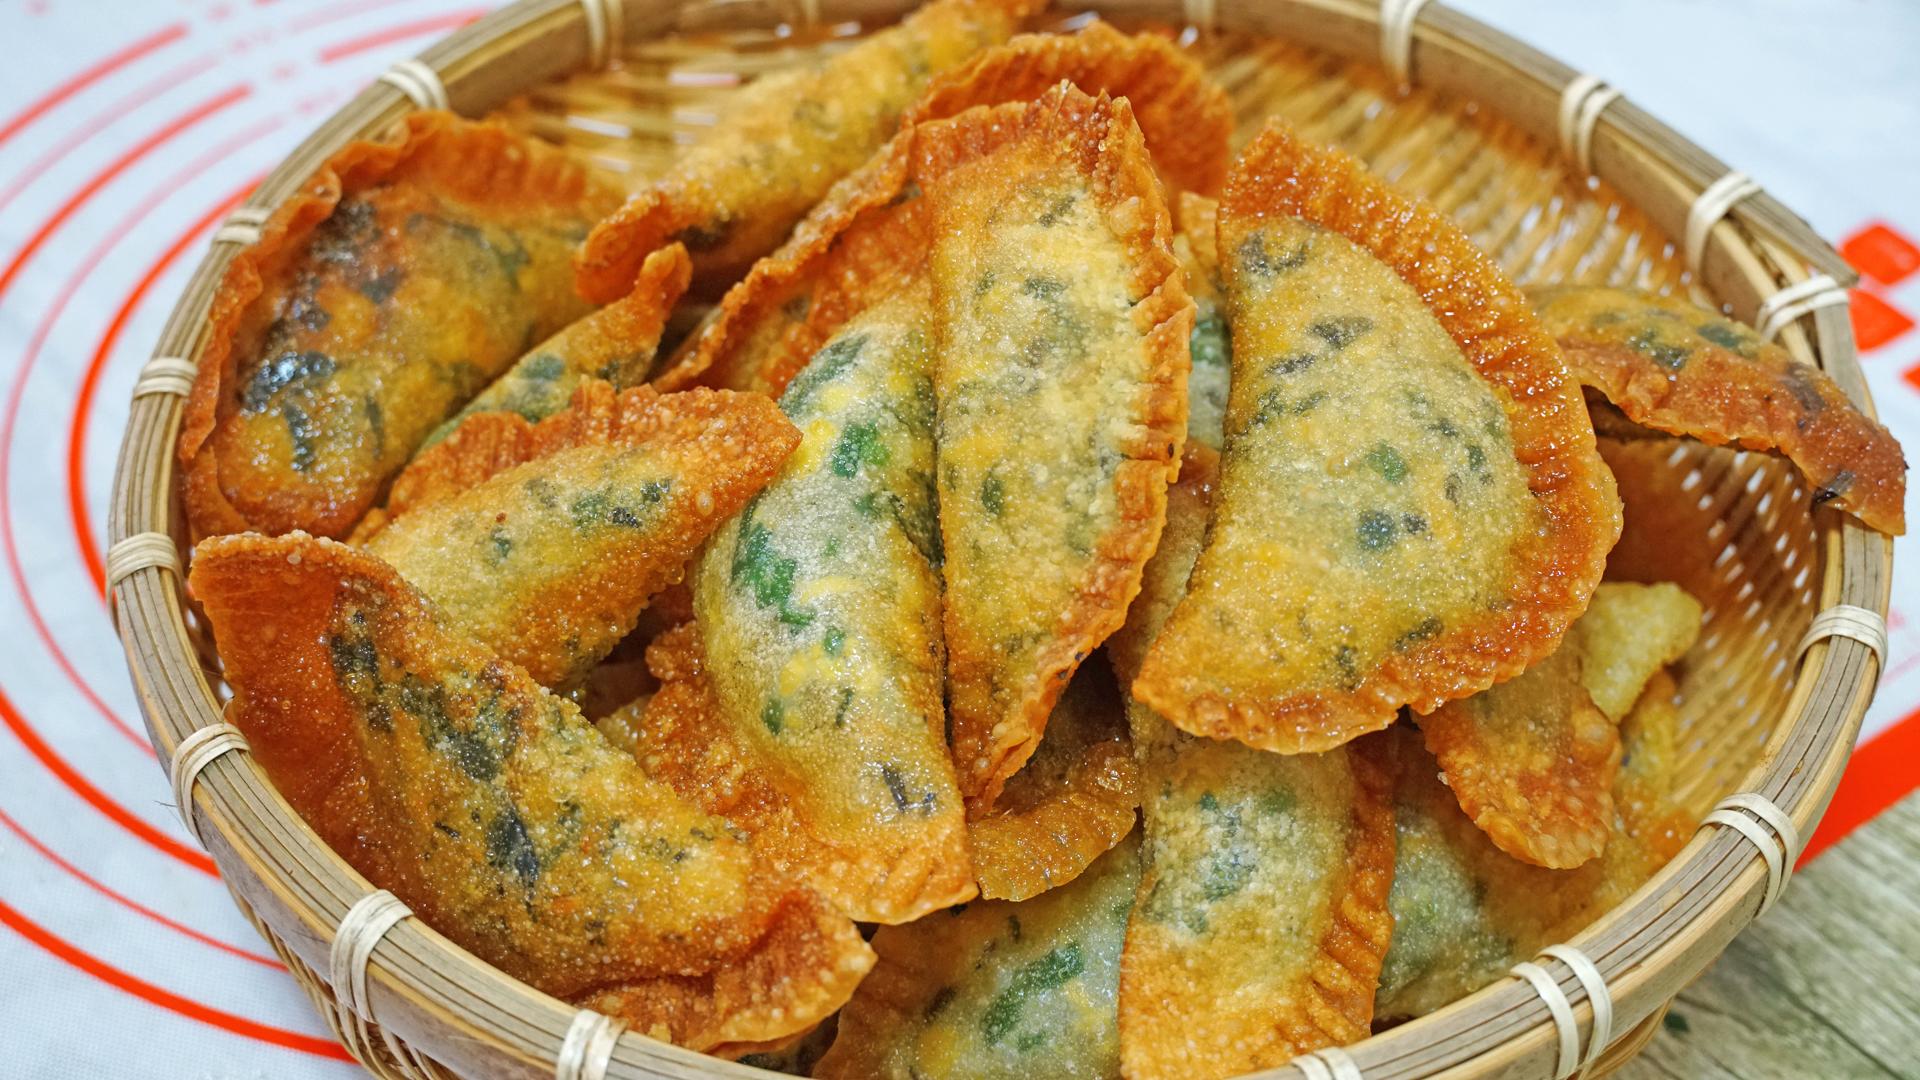 早餐别吃包子馒头了,1块钱饺子皮,教你5种吃法,做法简单又解馋 美食做法 第25张